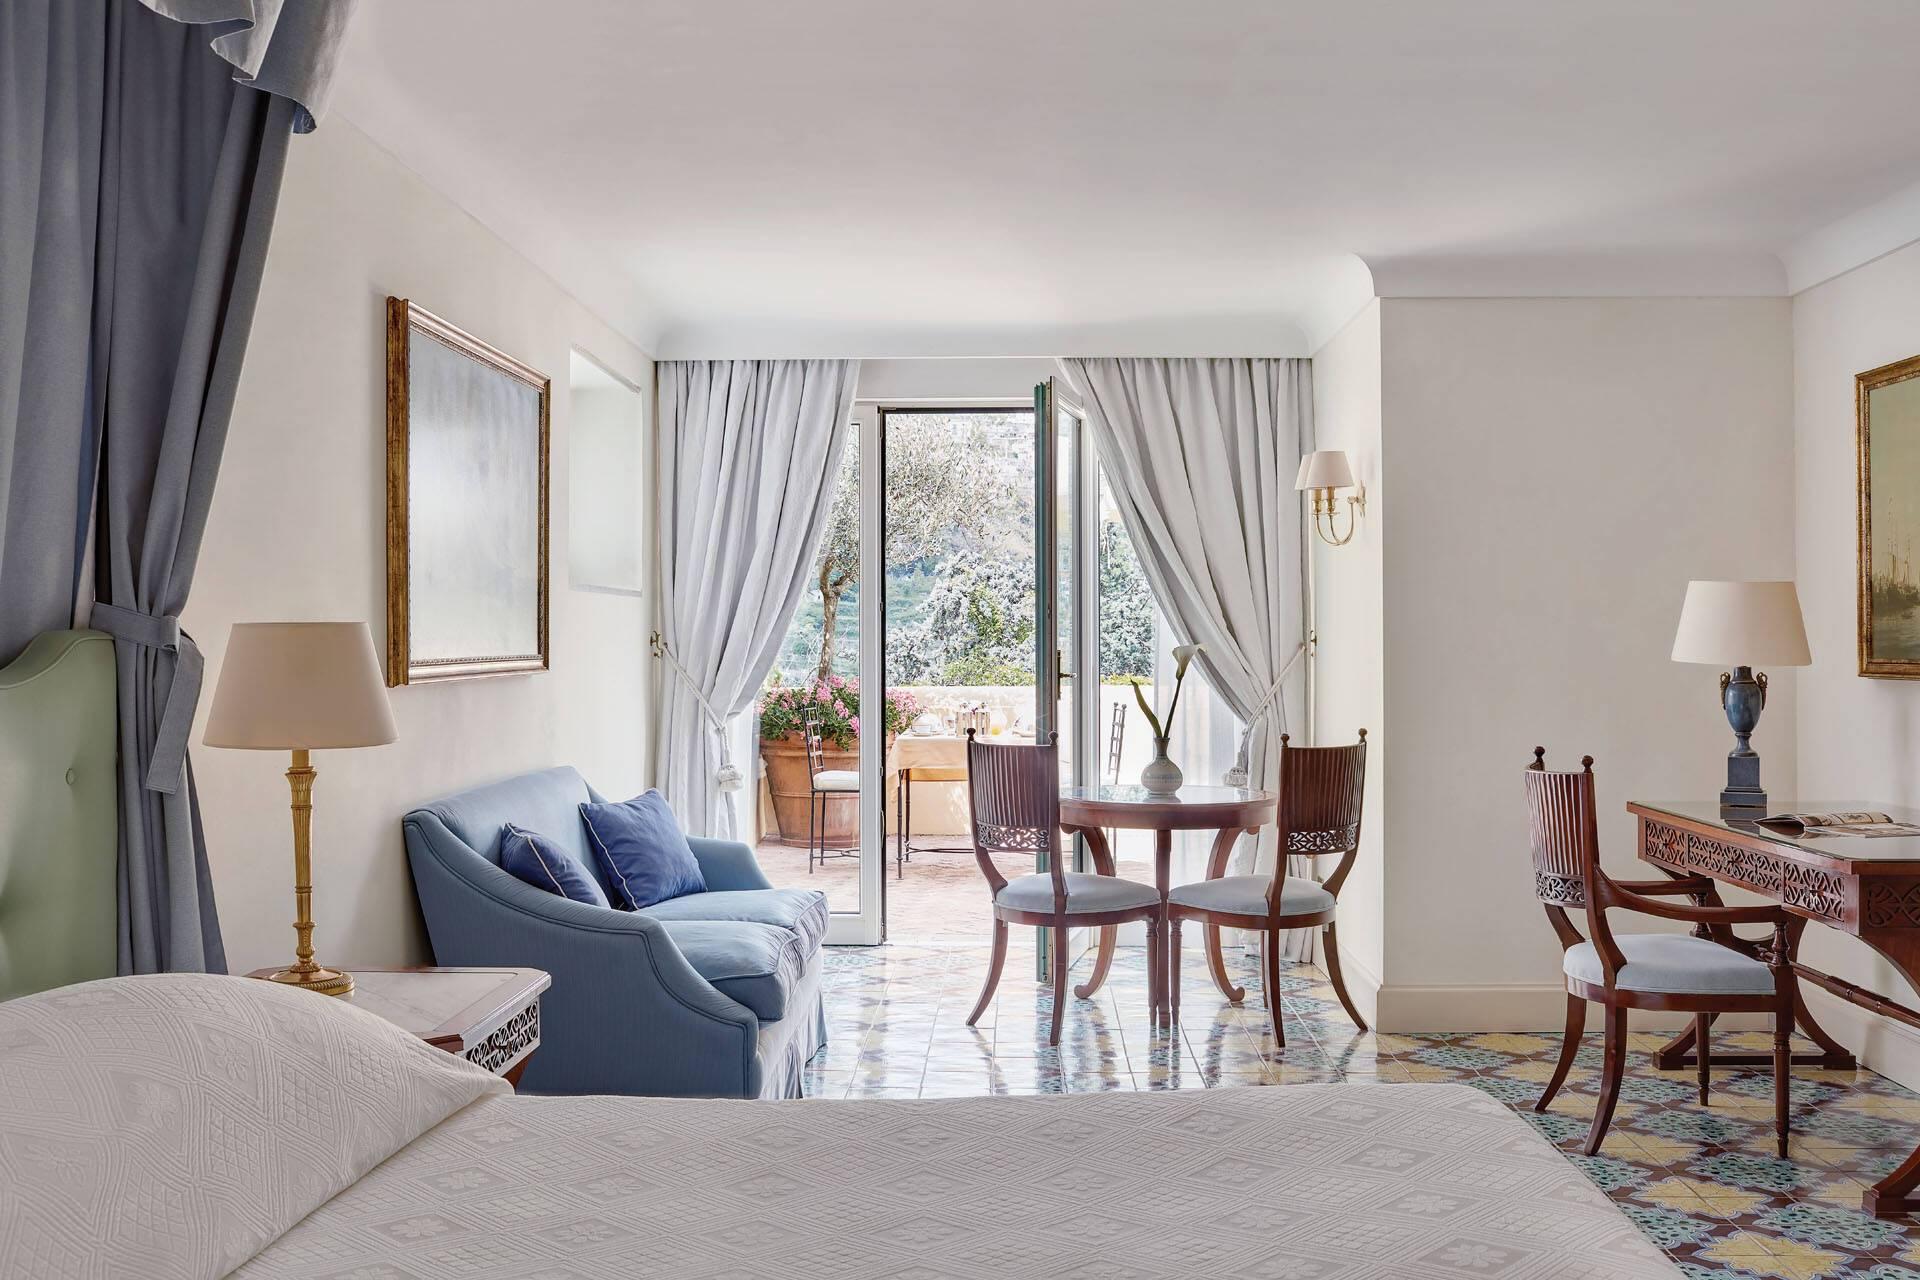 Belmond Caruso Ravello Superior Room